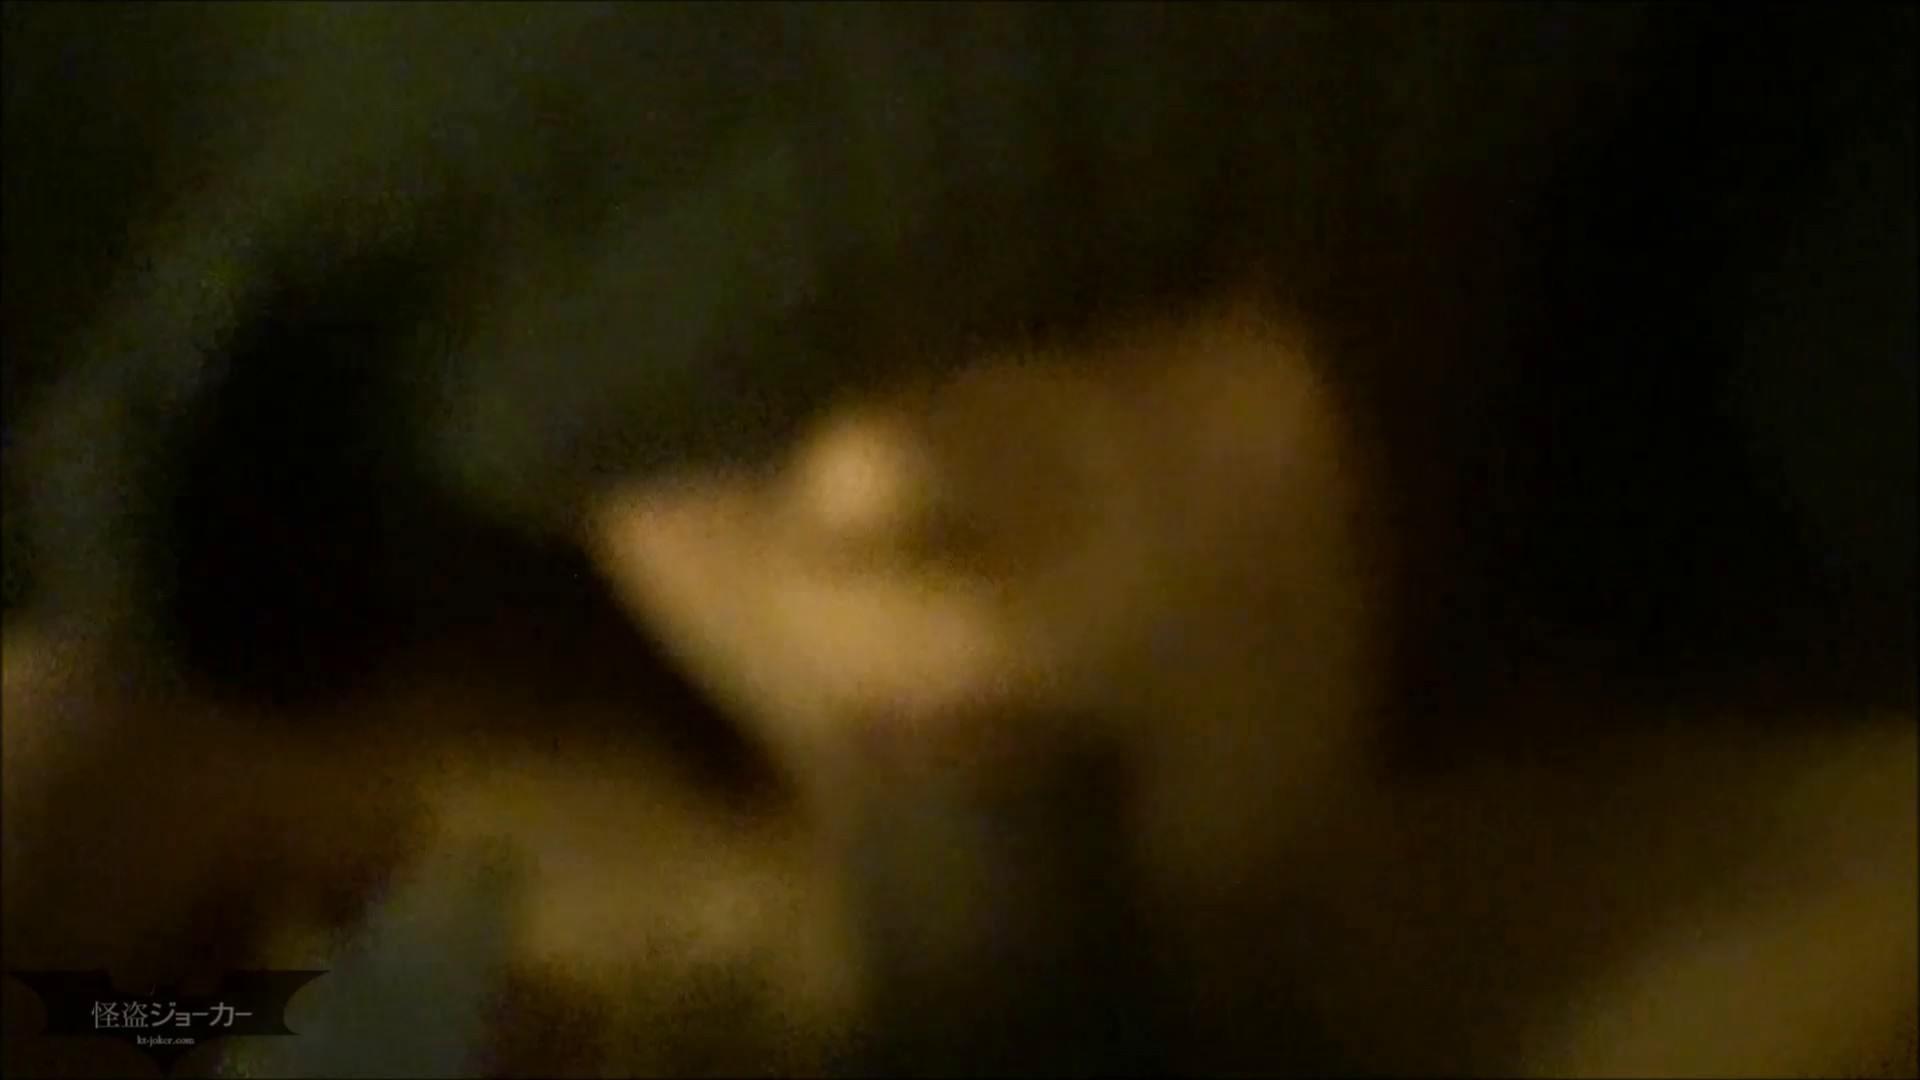 【未公開】vol.104  {黒髪→茶髪ボブに変身}美巨乳アミちゃん④【後編】 いじくり おまんこ動画流出 76枚 55